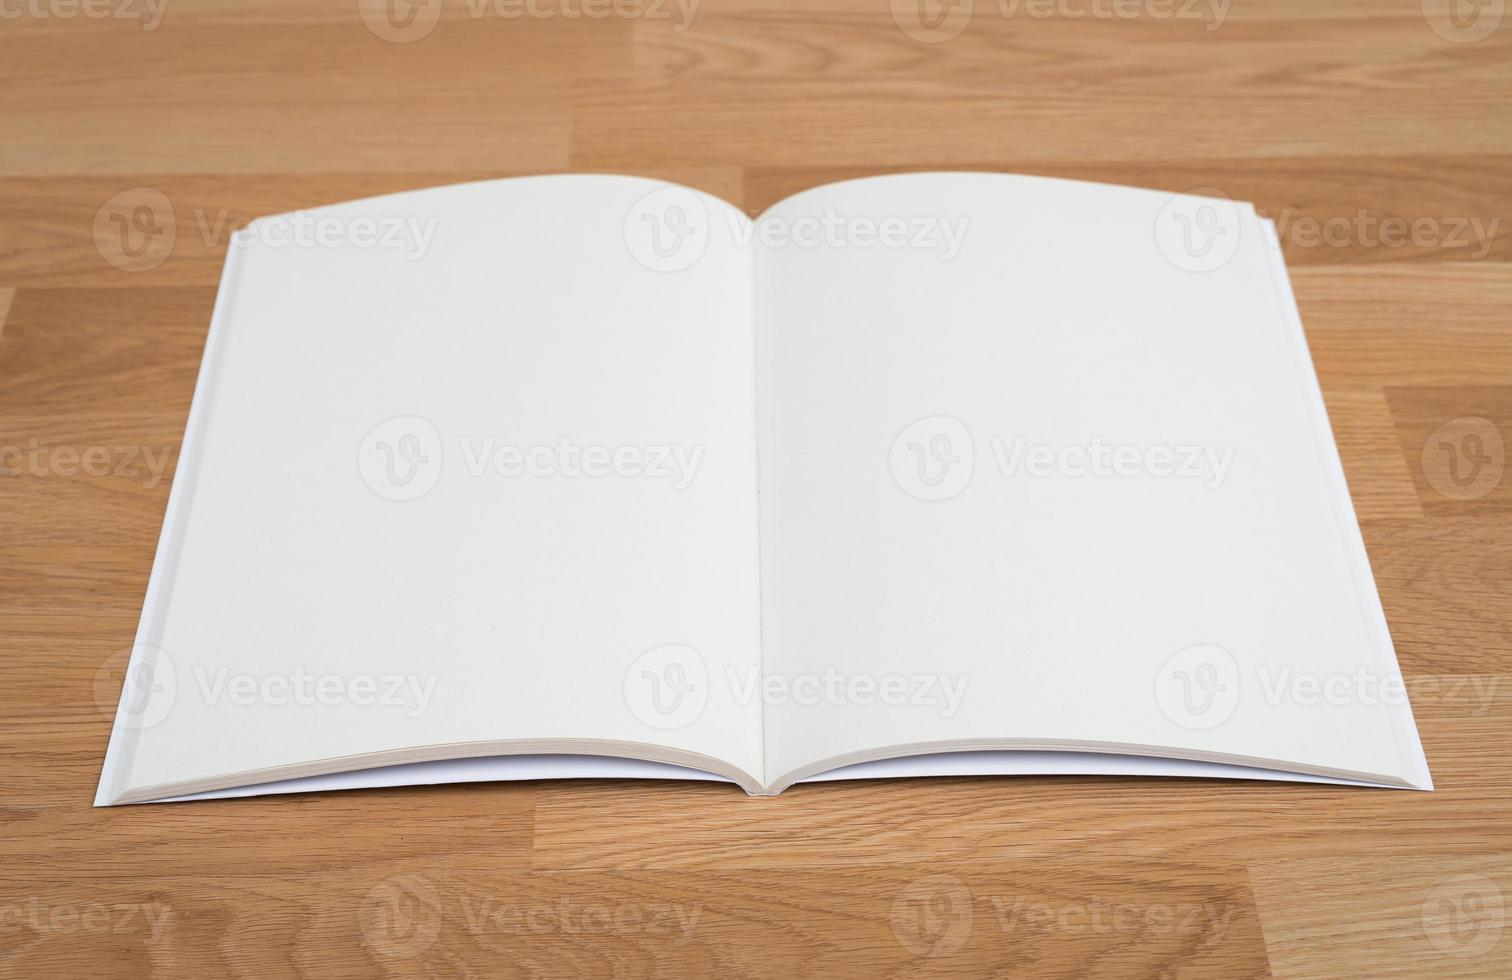 lege catalogus, brochure, tijdschriften, boek mock up foto